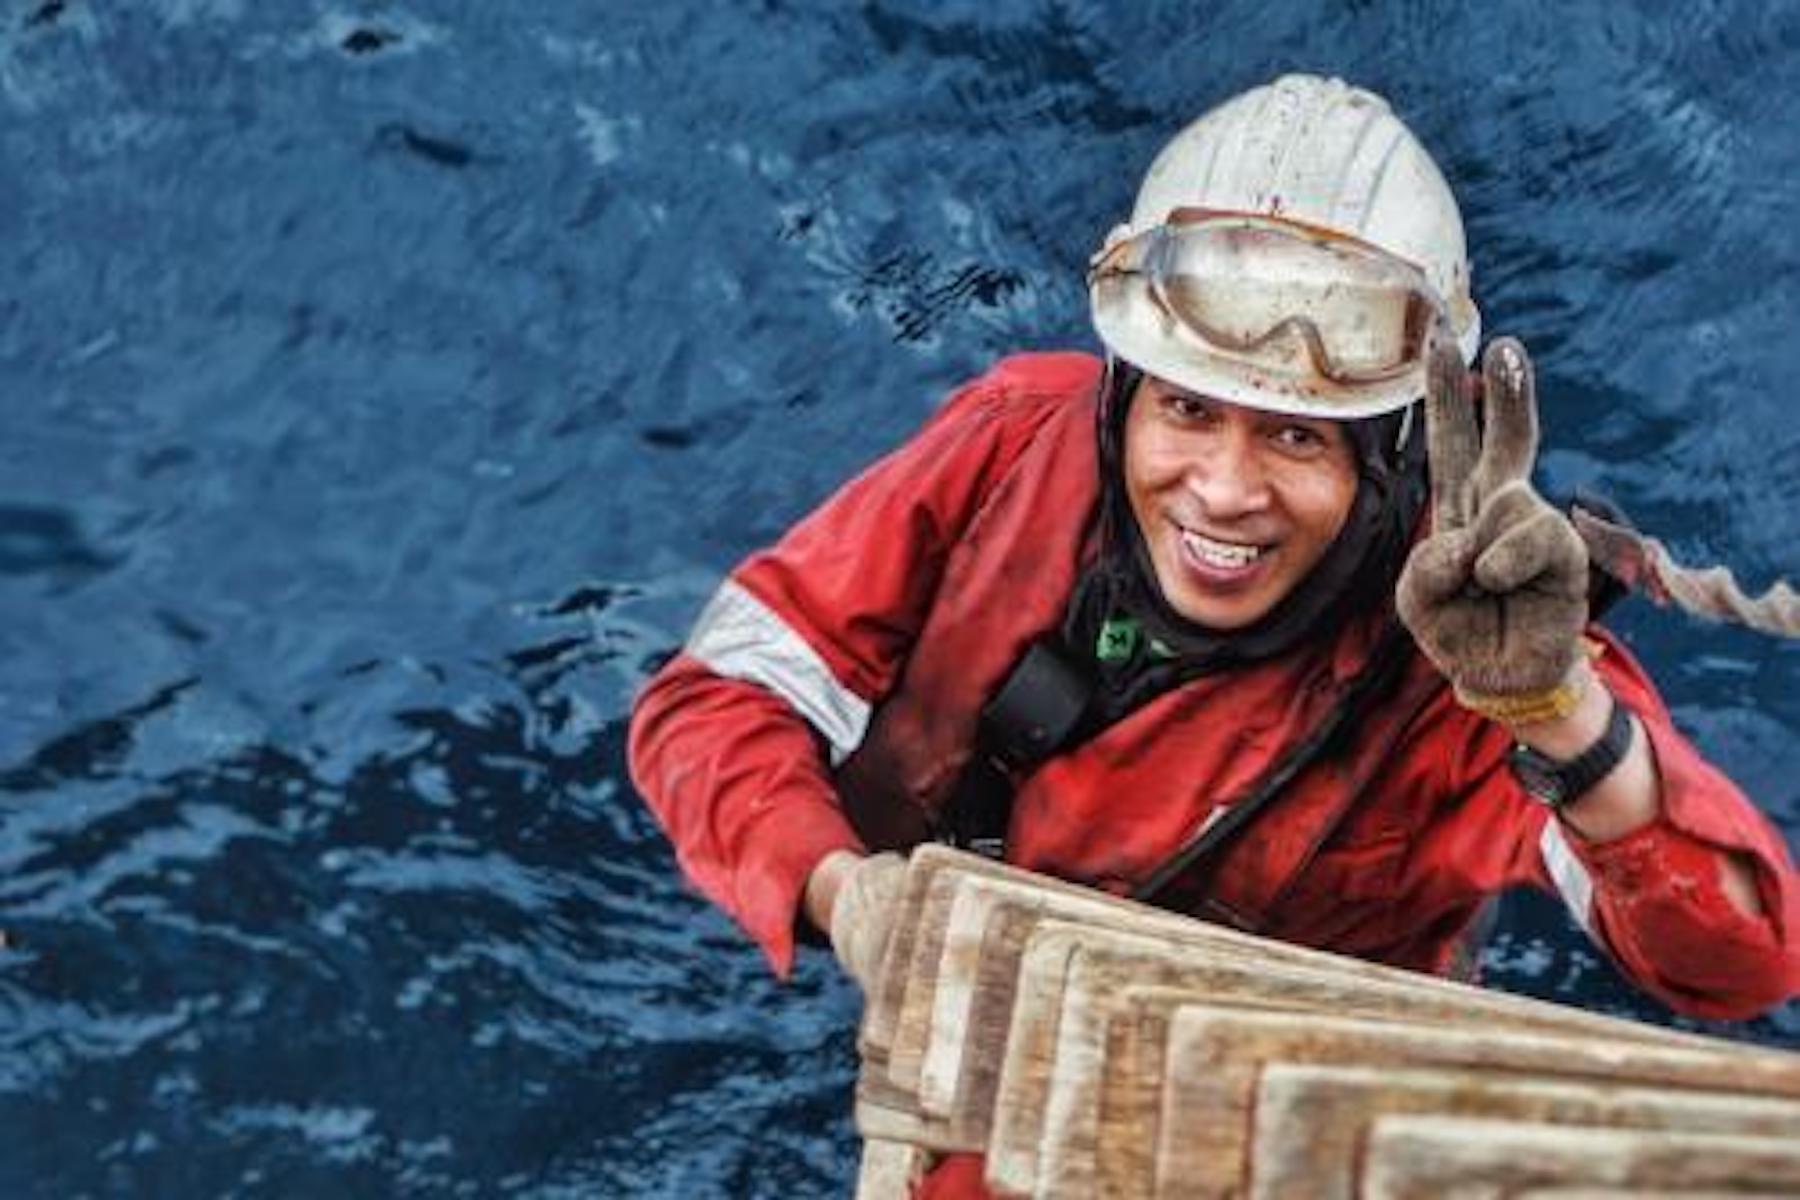 """<p>Bryan Biasura pinta el costado de la RHL Aurora en Singapur. """"A pesar de todas las circunstancias, todo lo que necesitas es respirar y sonreír.""""</p> <p></p> <p>Fecha de la foto: 13 de julio de 2019</p> <p>Ubicación de la foto:</p> <p>Nombre del buque: RHL AURORA.</p> <p>Nombre del marinero: Bryan B. Biasura.</p>"""